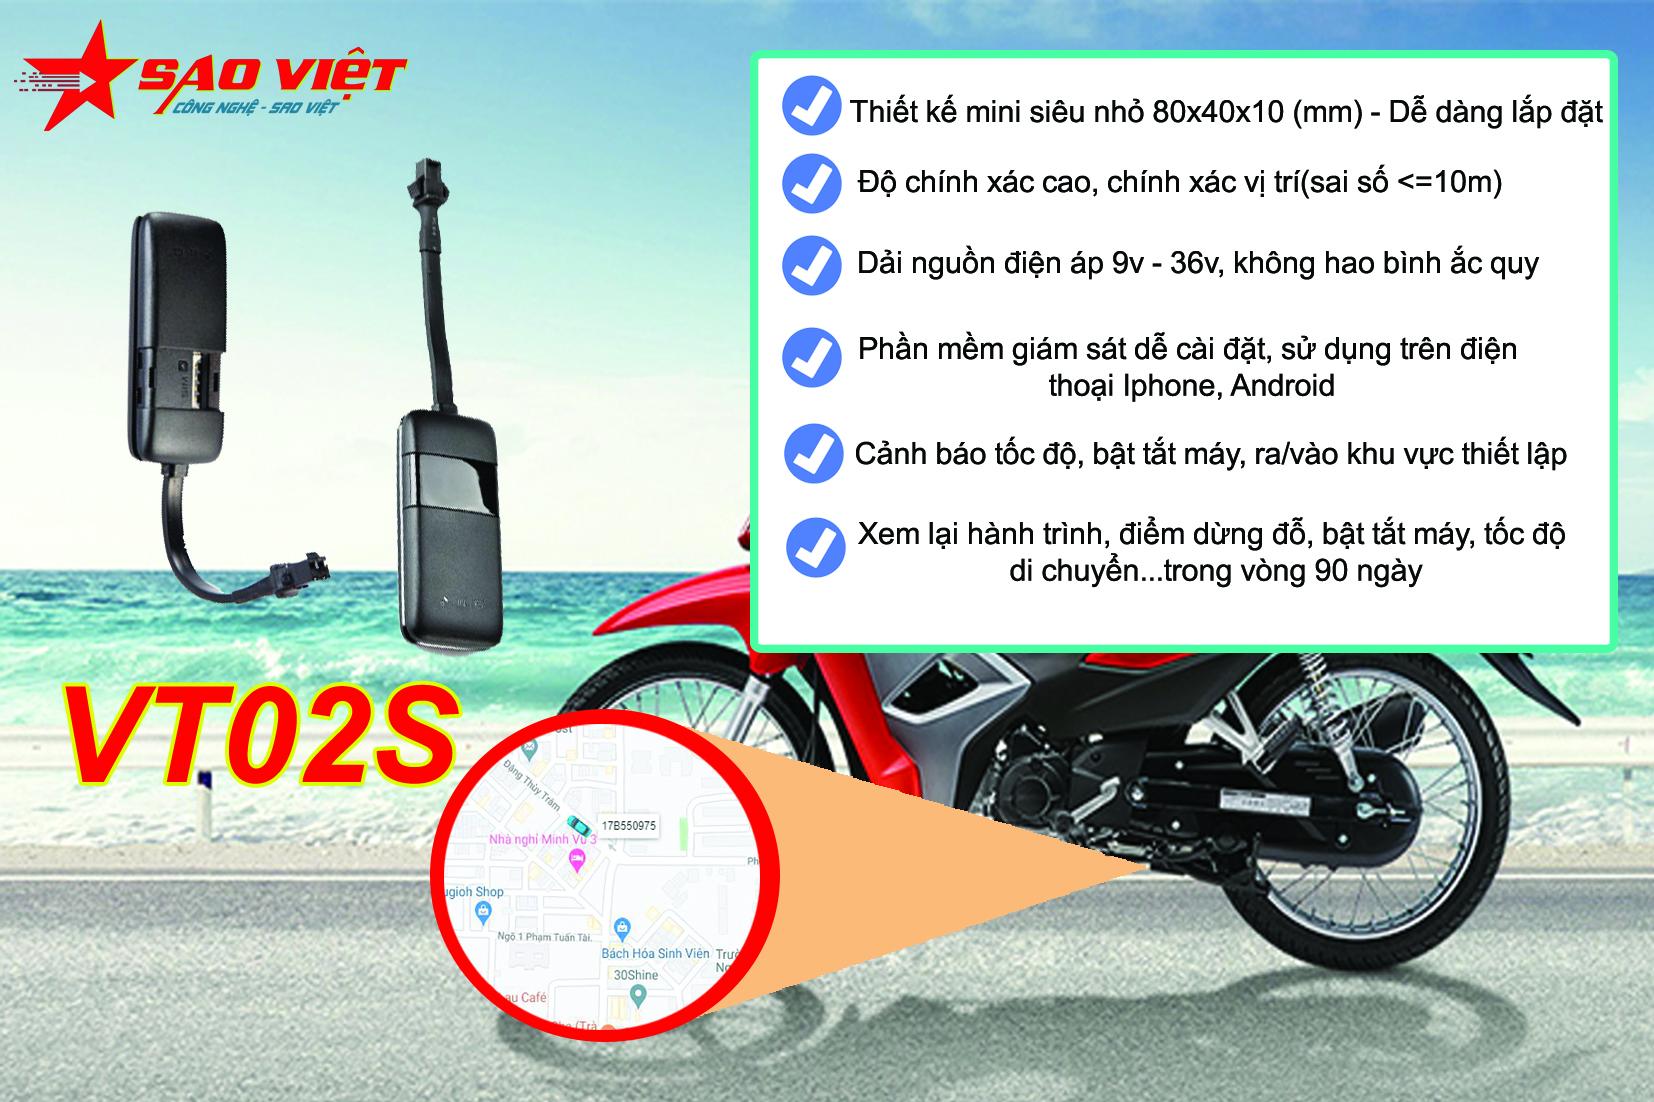 Thiết bị định vị siêu nhỏ giá rẻ VT02S